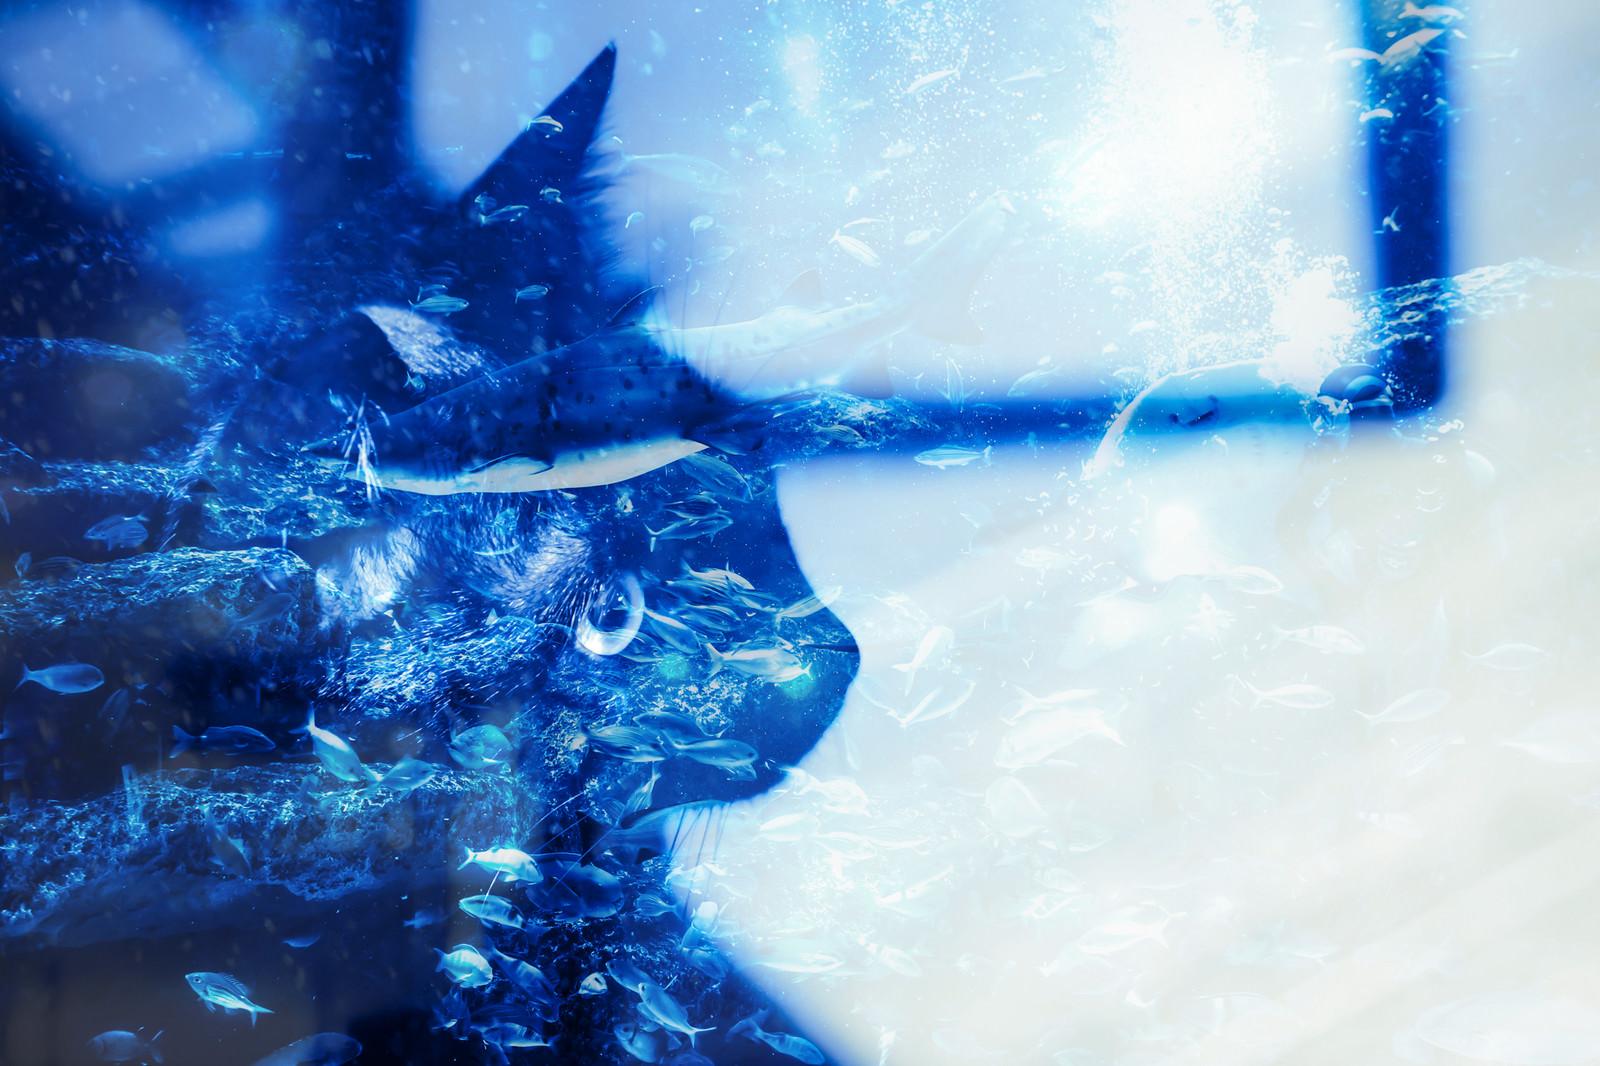 「猫の夢猫の夢」のフリー写真素材を拡大